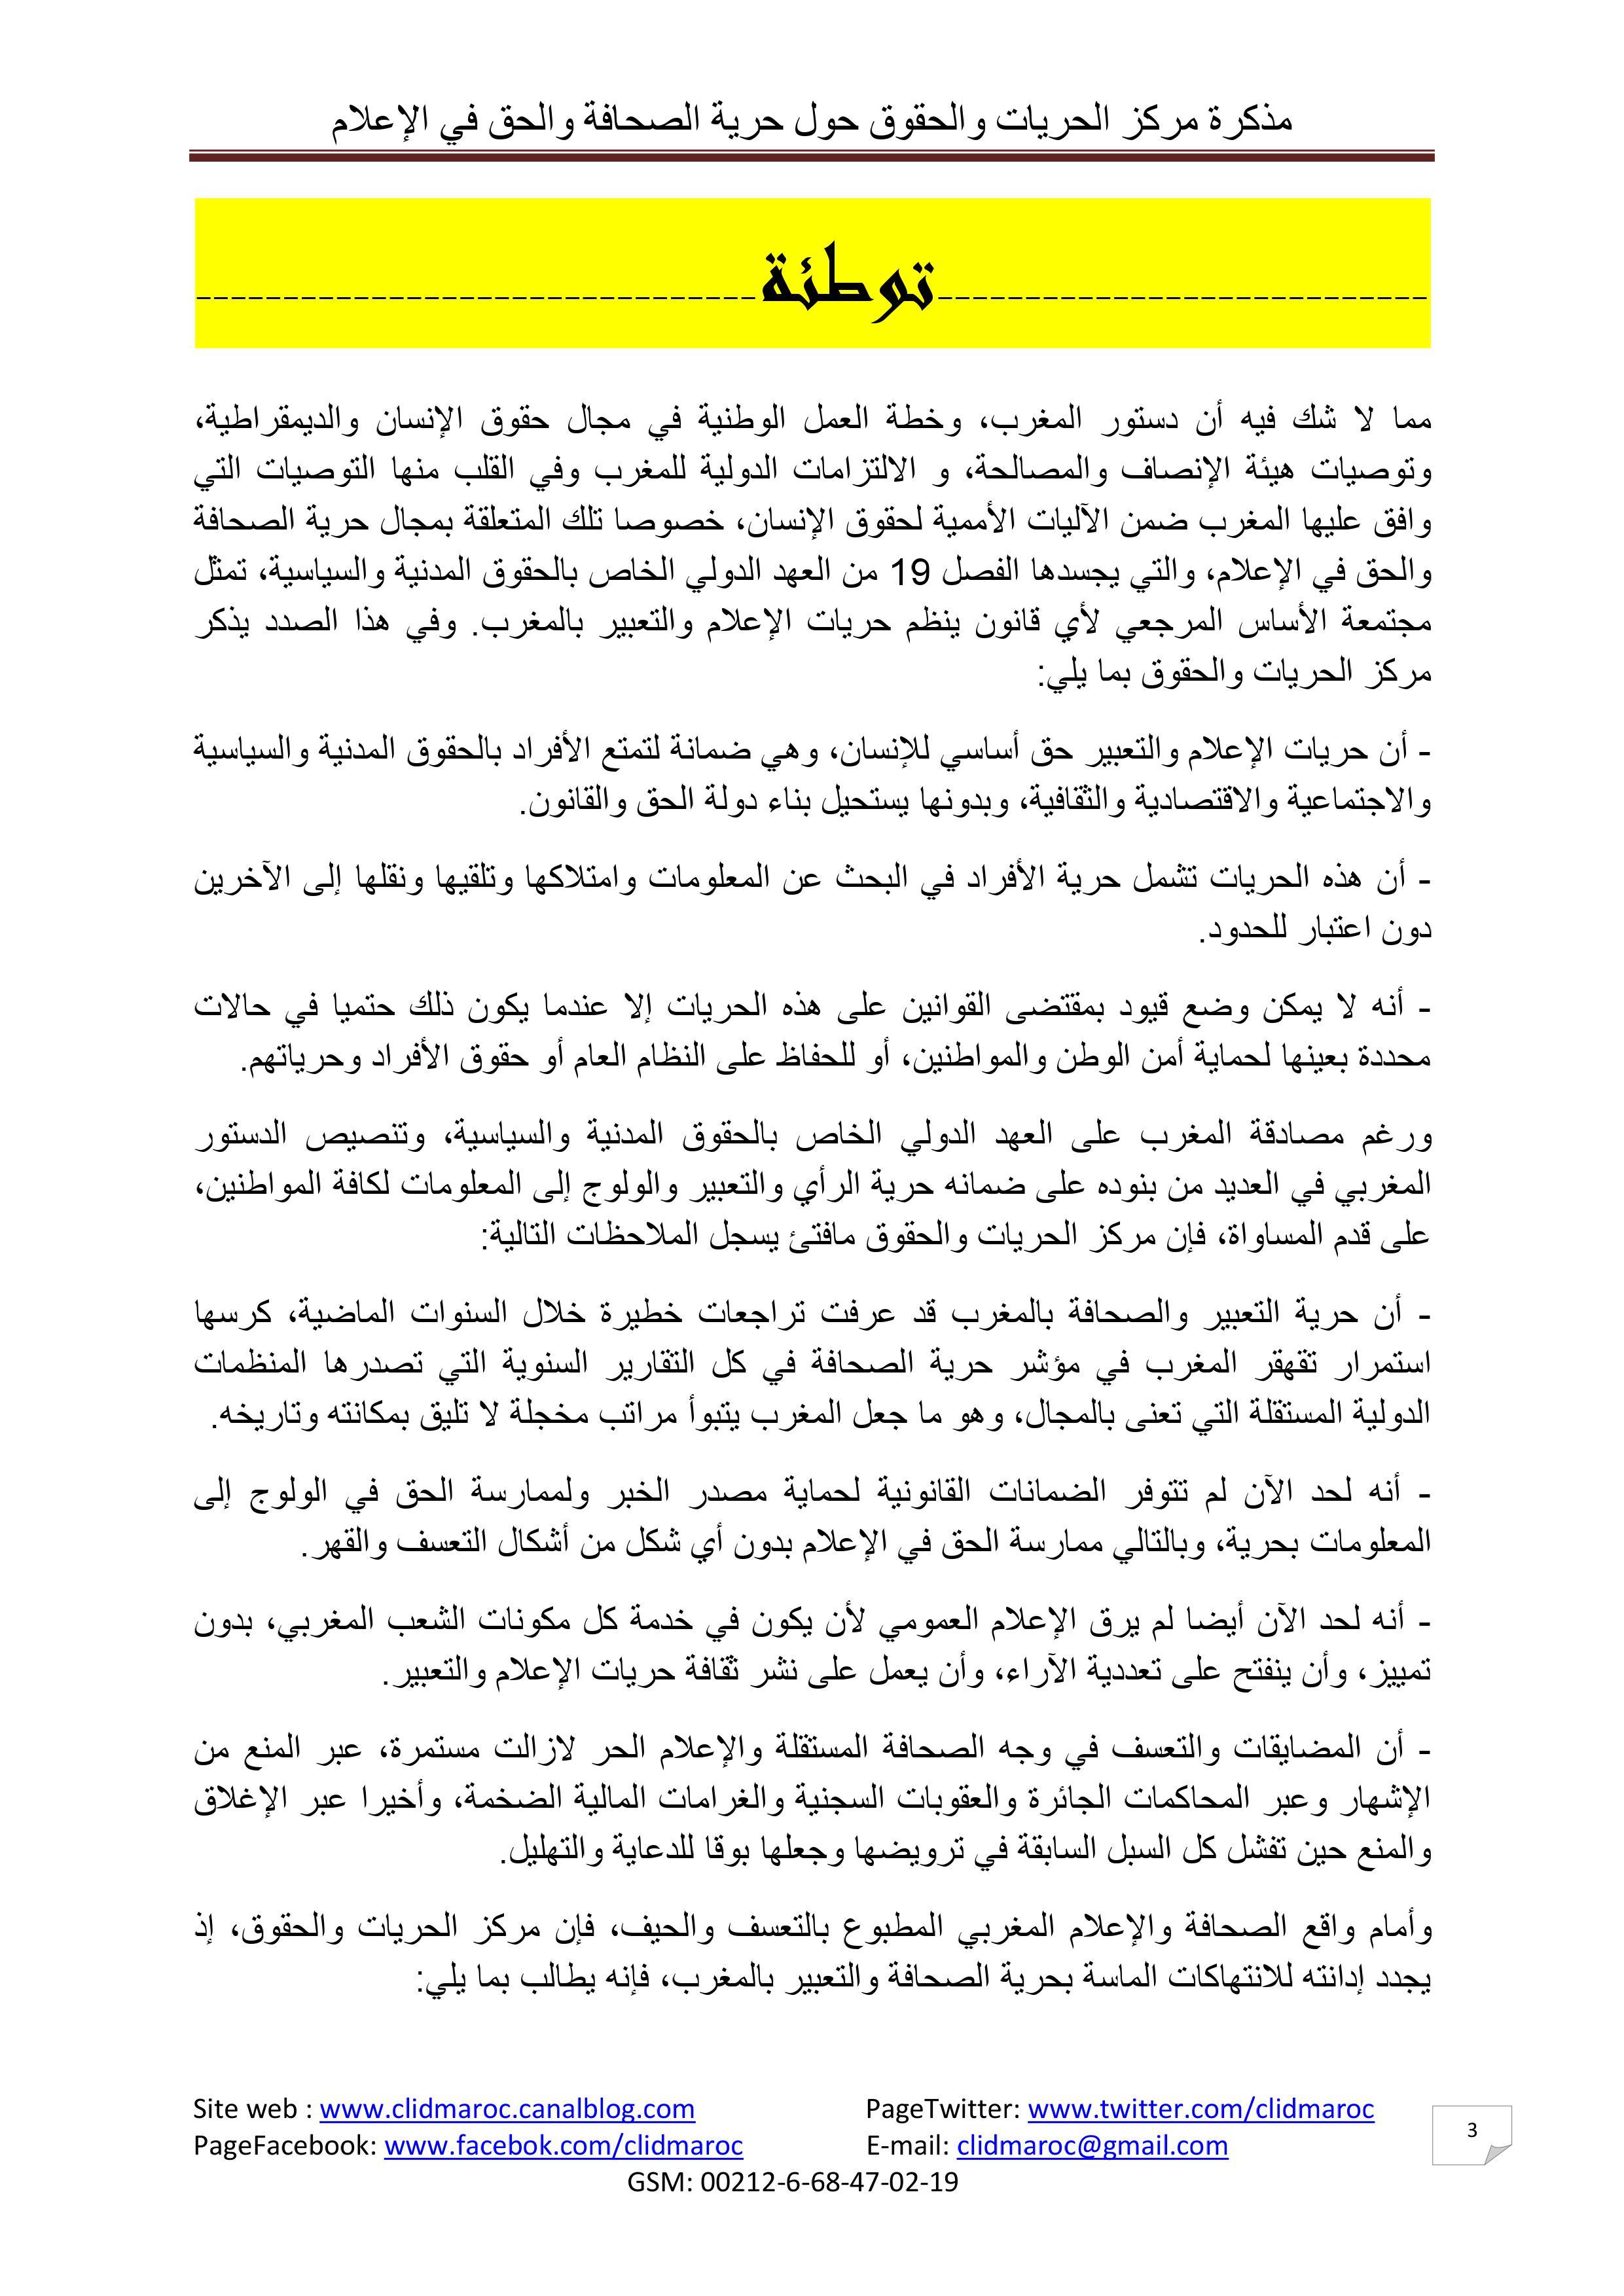 مذكرة مركز الحريات والحقوق حول حرية الصحافة والحق في الإعلام بالمغرب